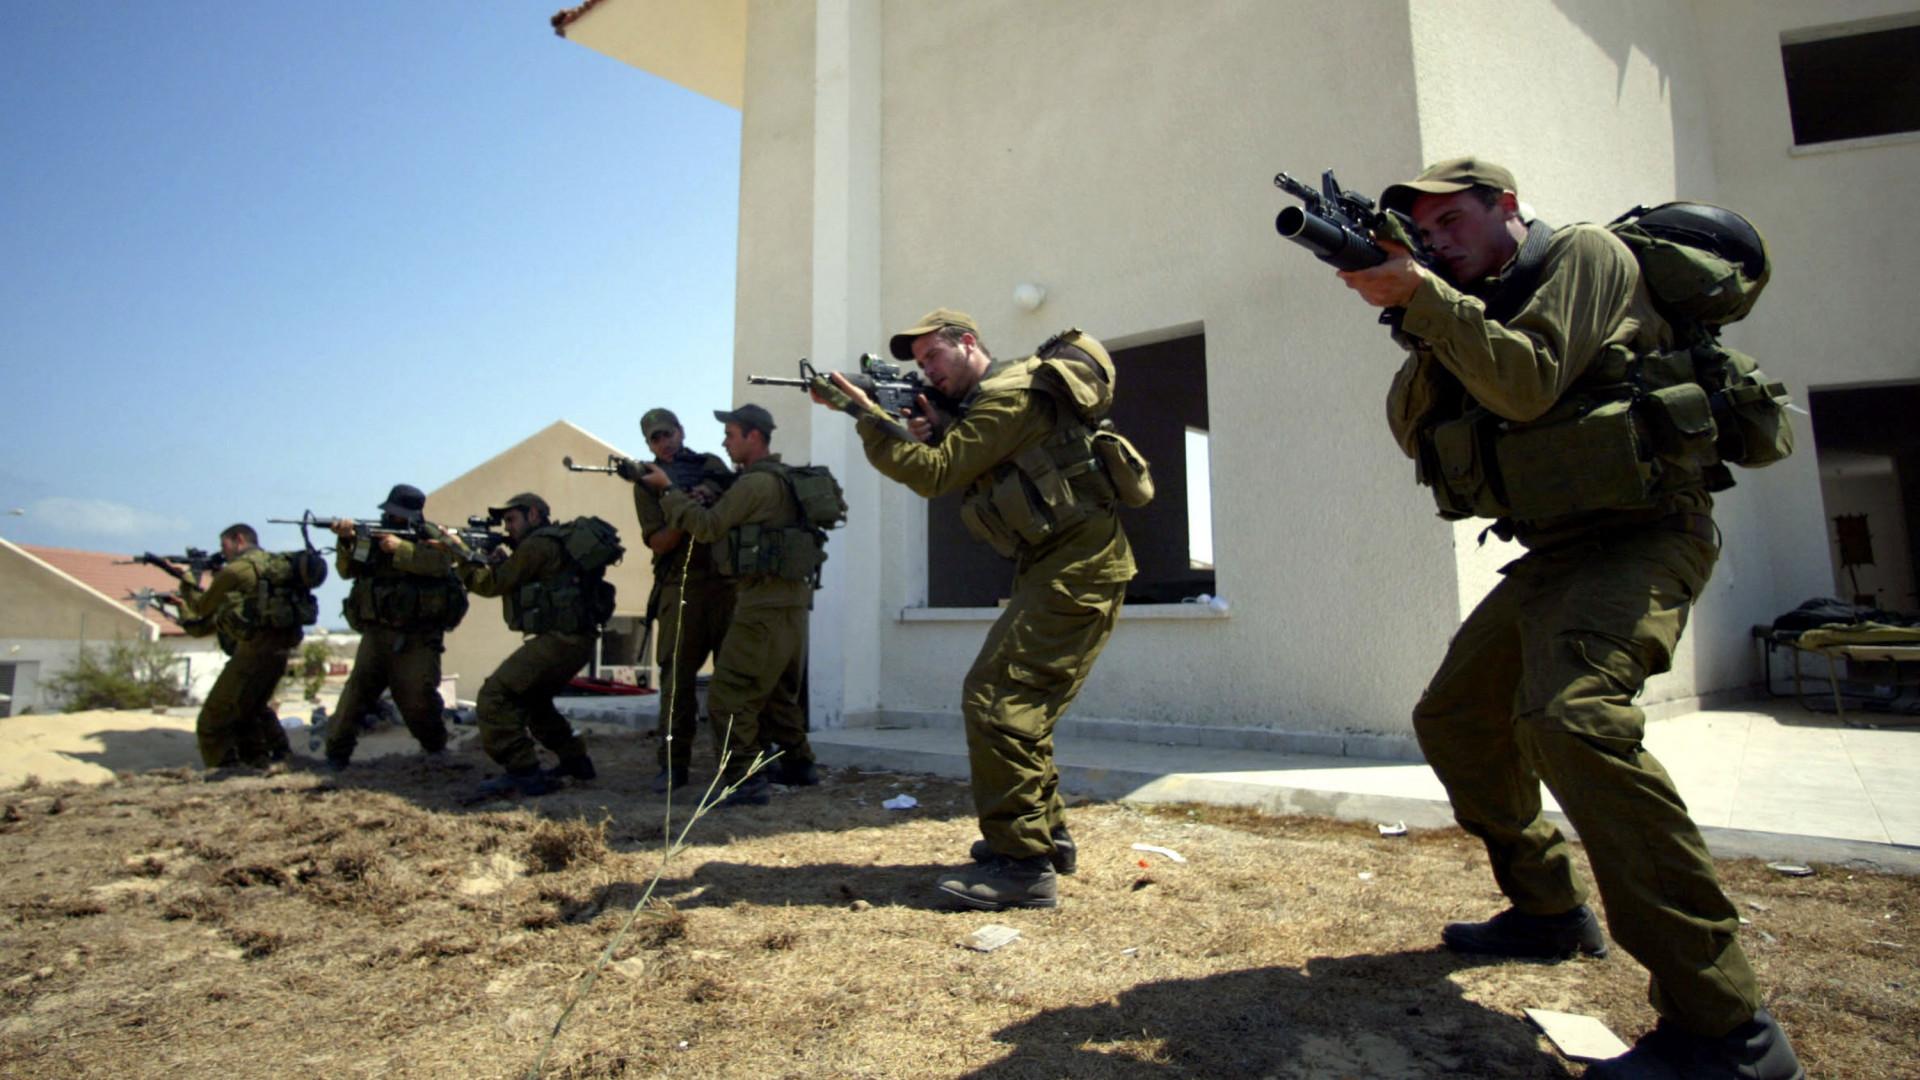 Arra készül az izraeli hadsereg, hogy Trump megtámadja Iránt